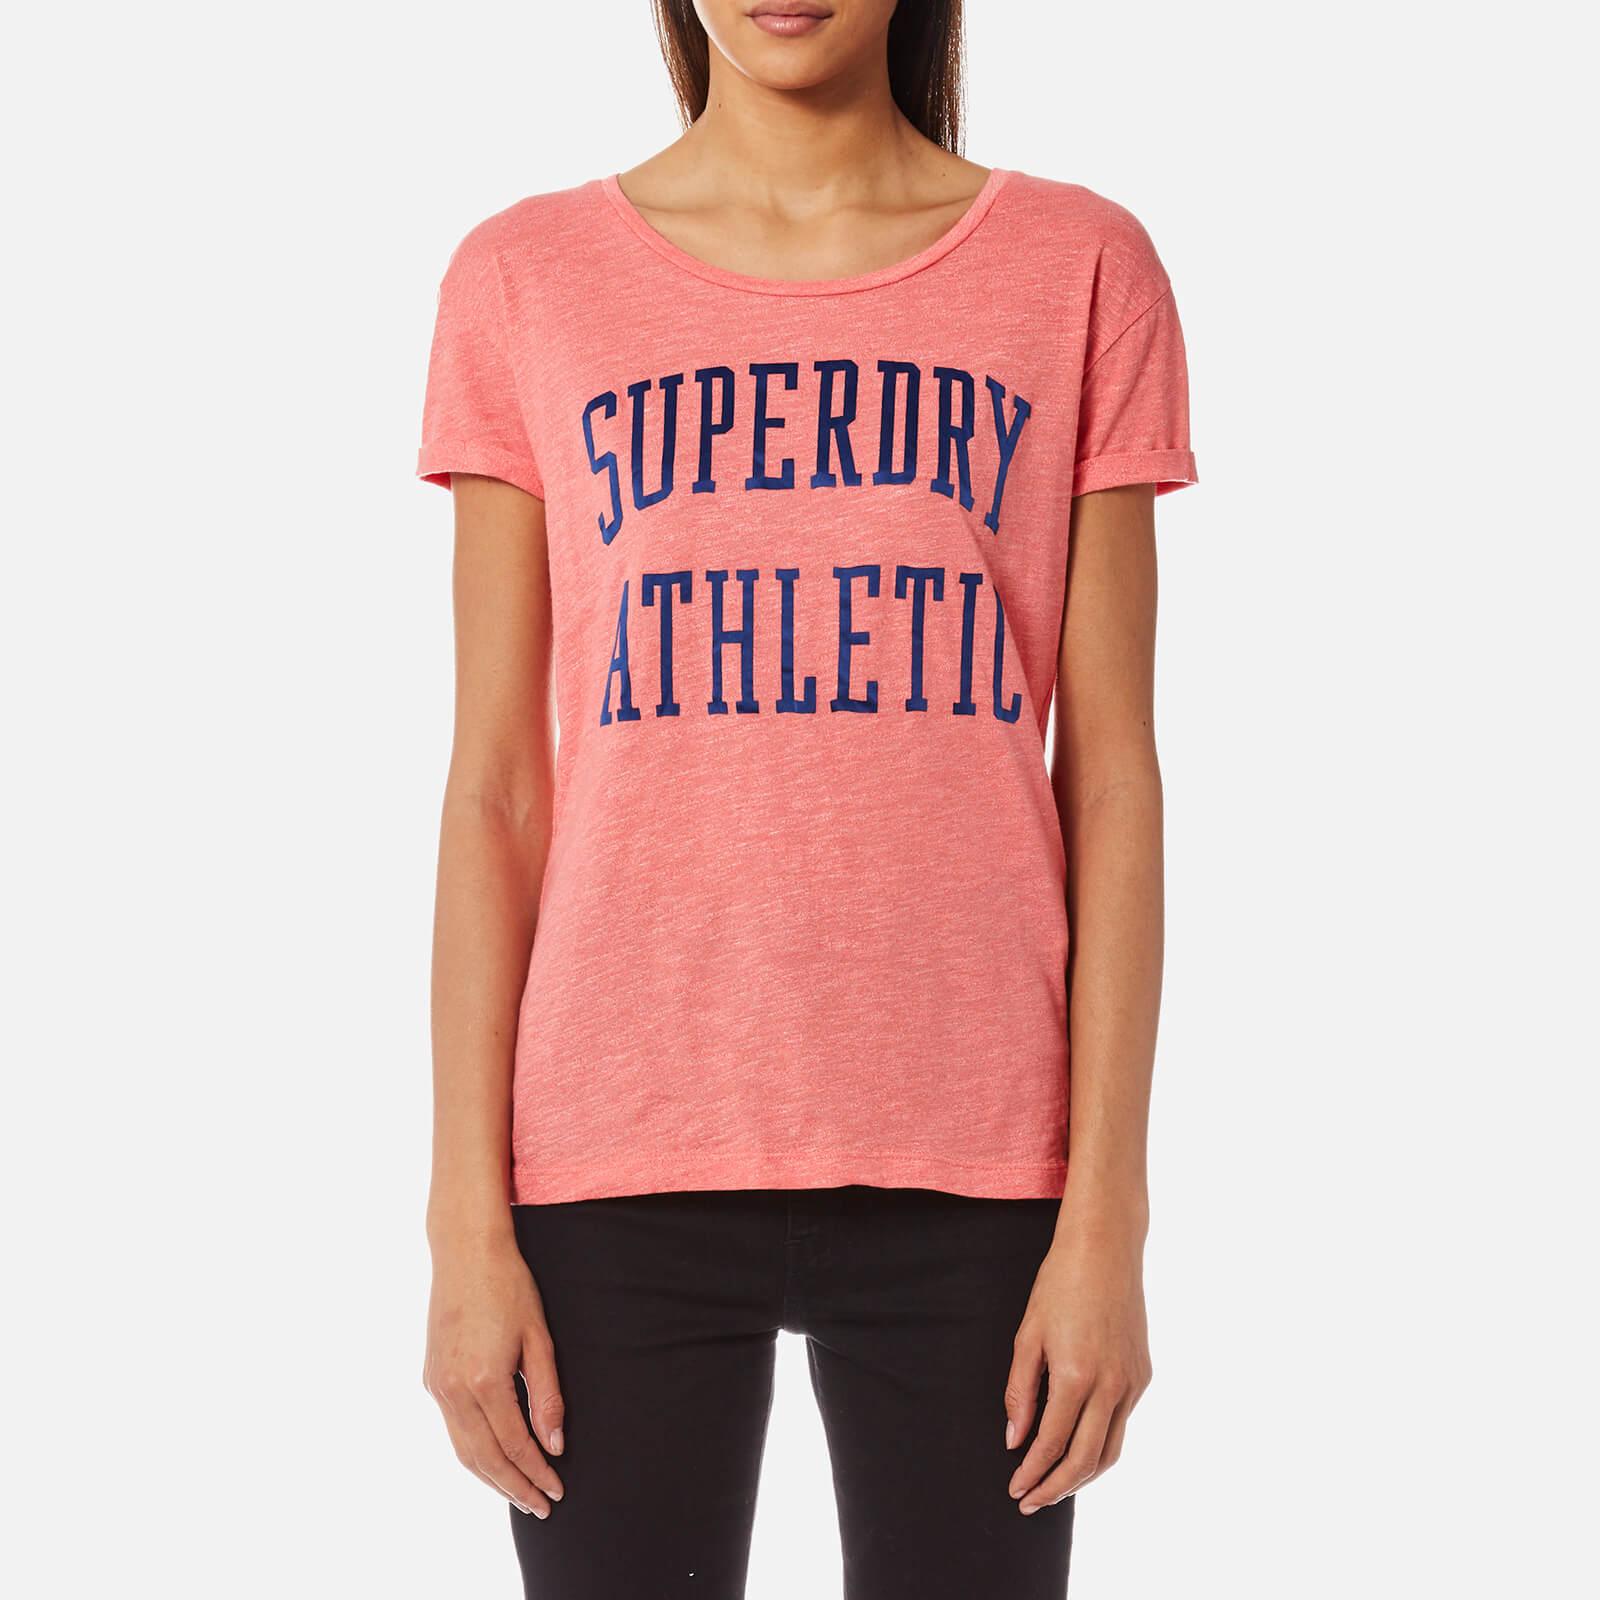 Superdry Women's Athletic Slim Boyfriend T-Shirt - Cheerleader Pink - S - Pink